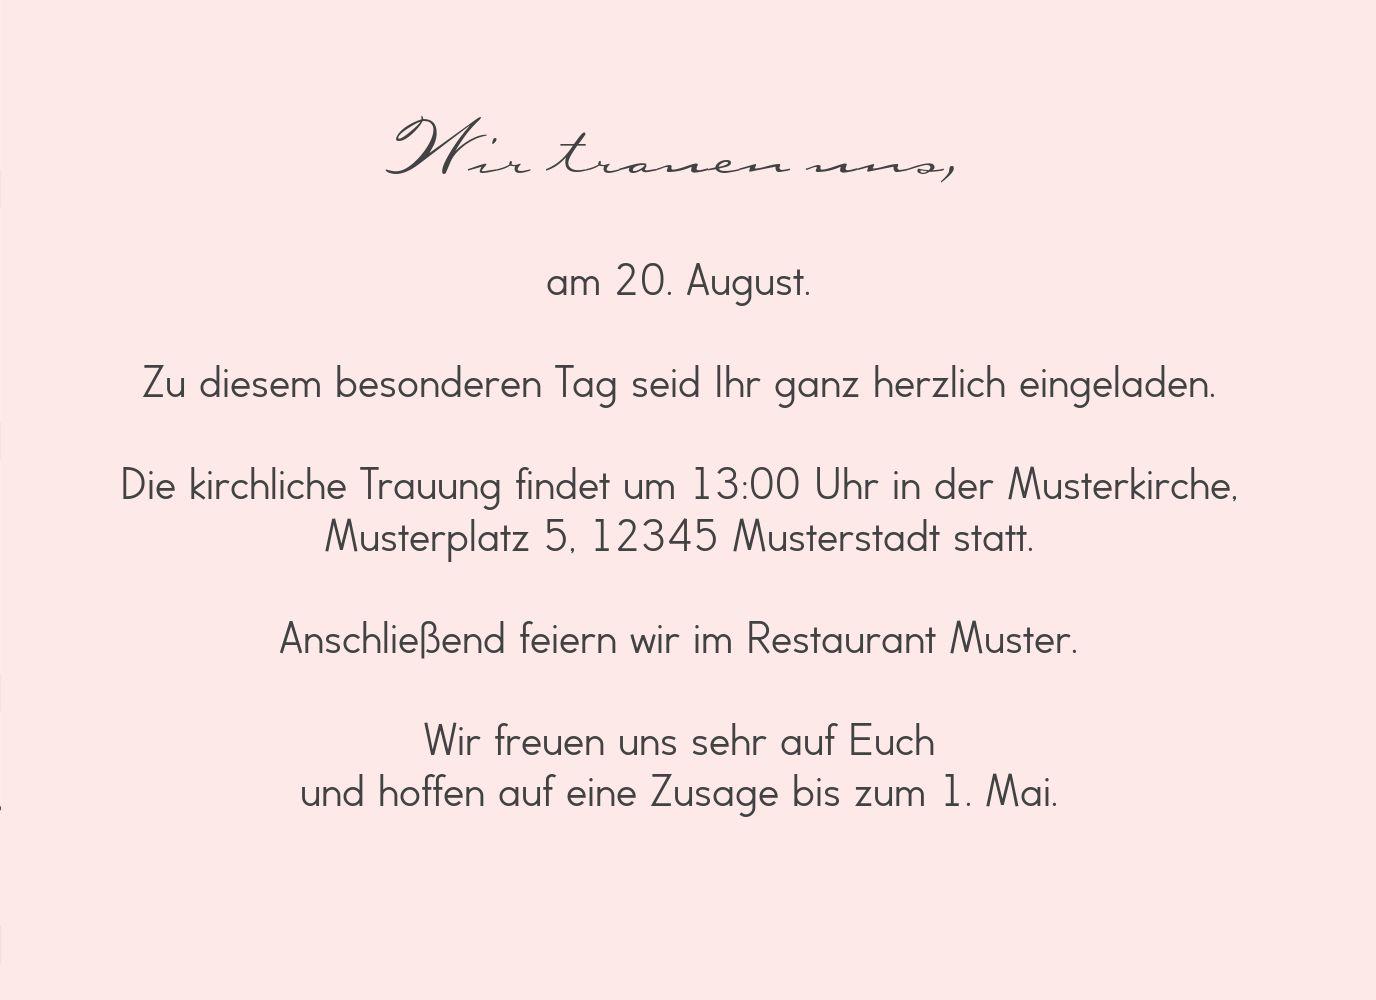 Ansicht 5 - Hochzeit Einladung Pärchen - Frauen